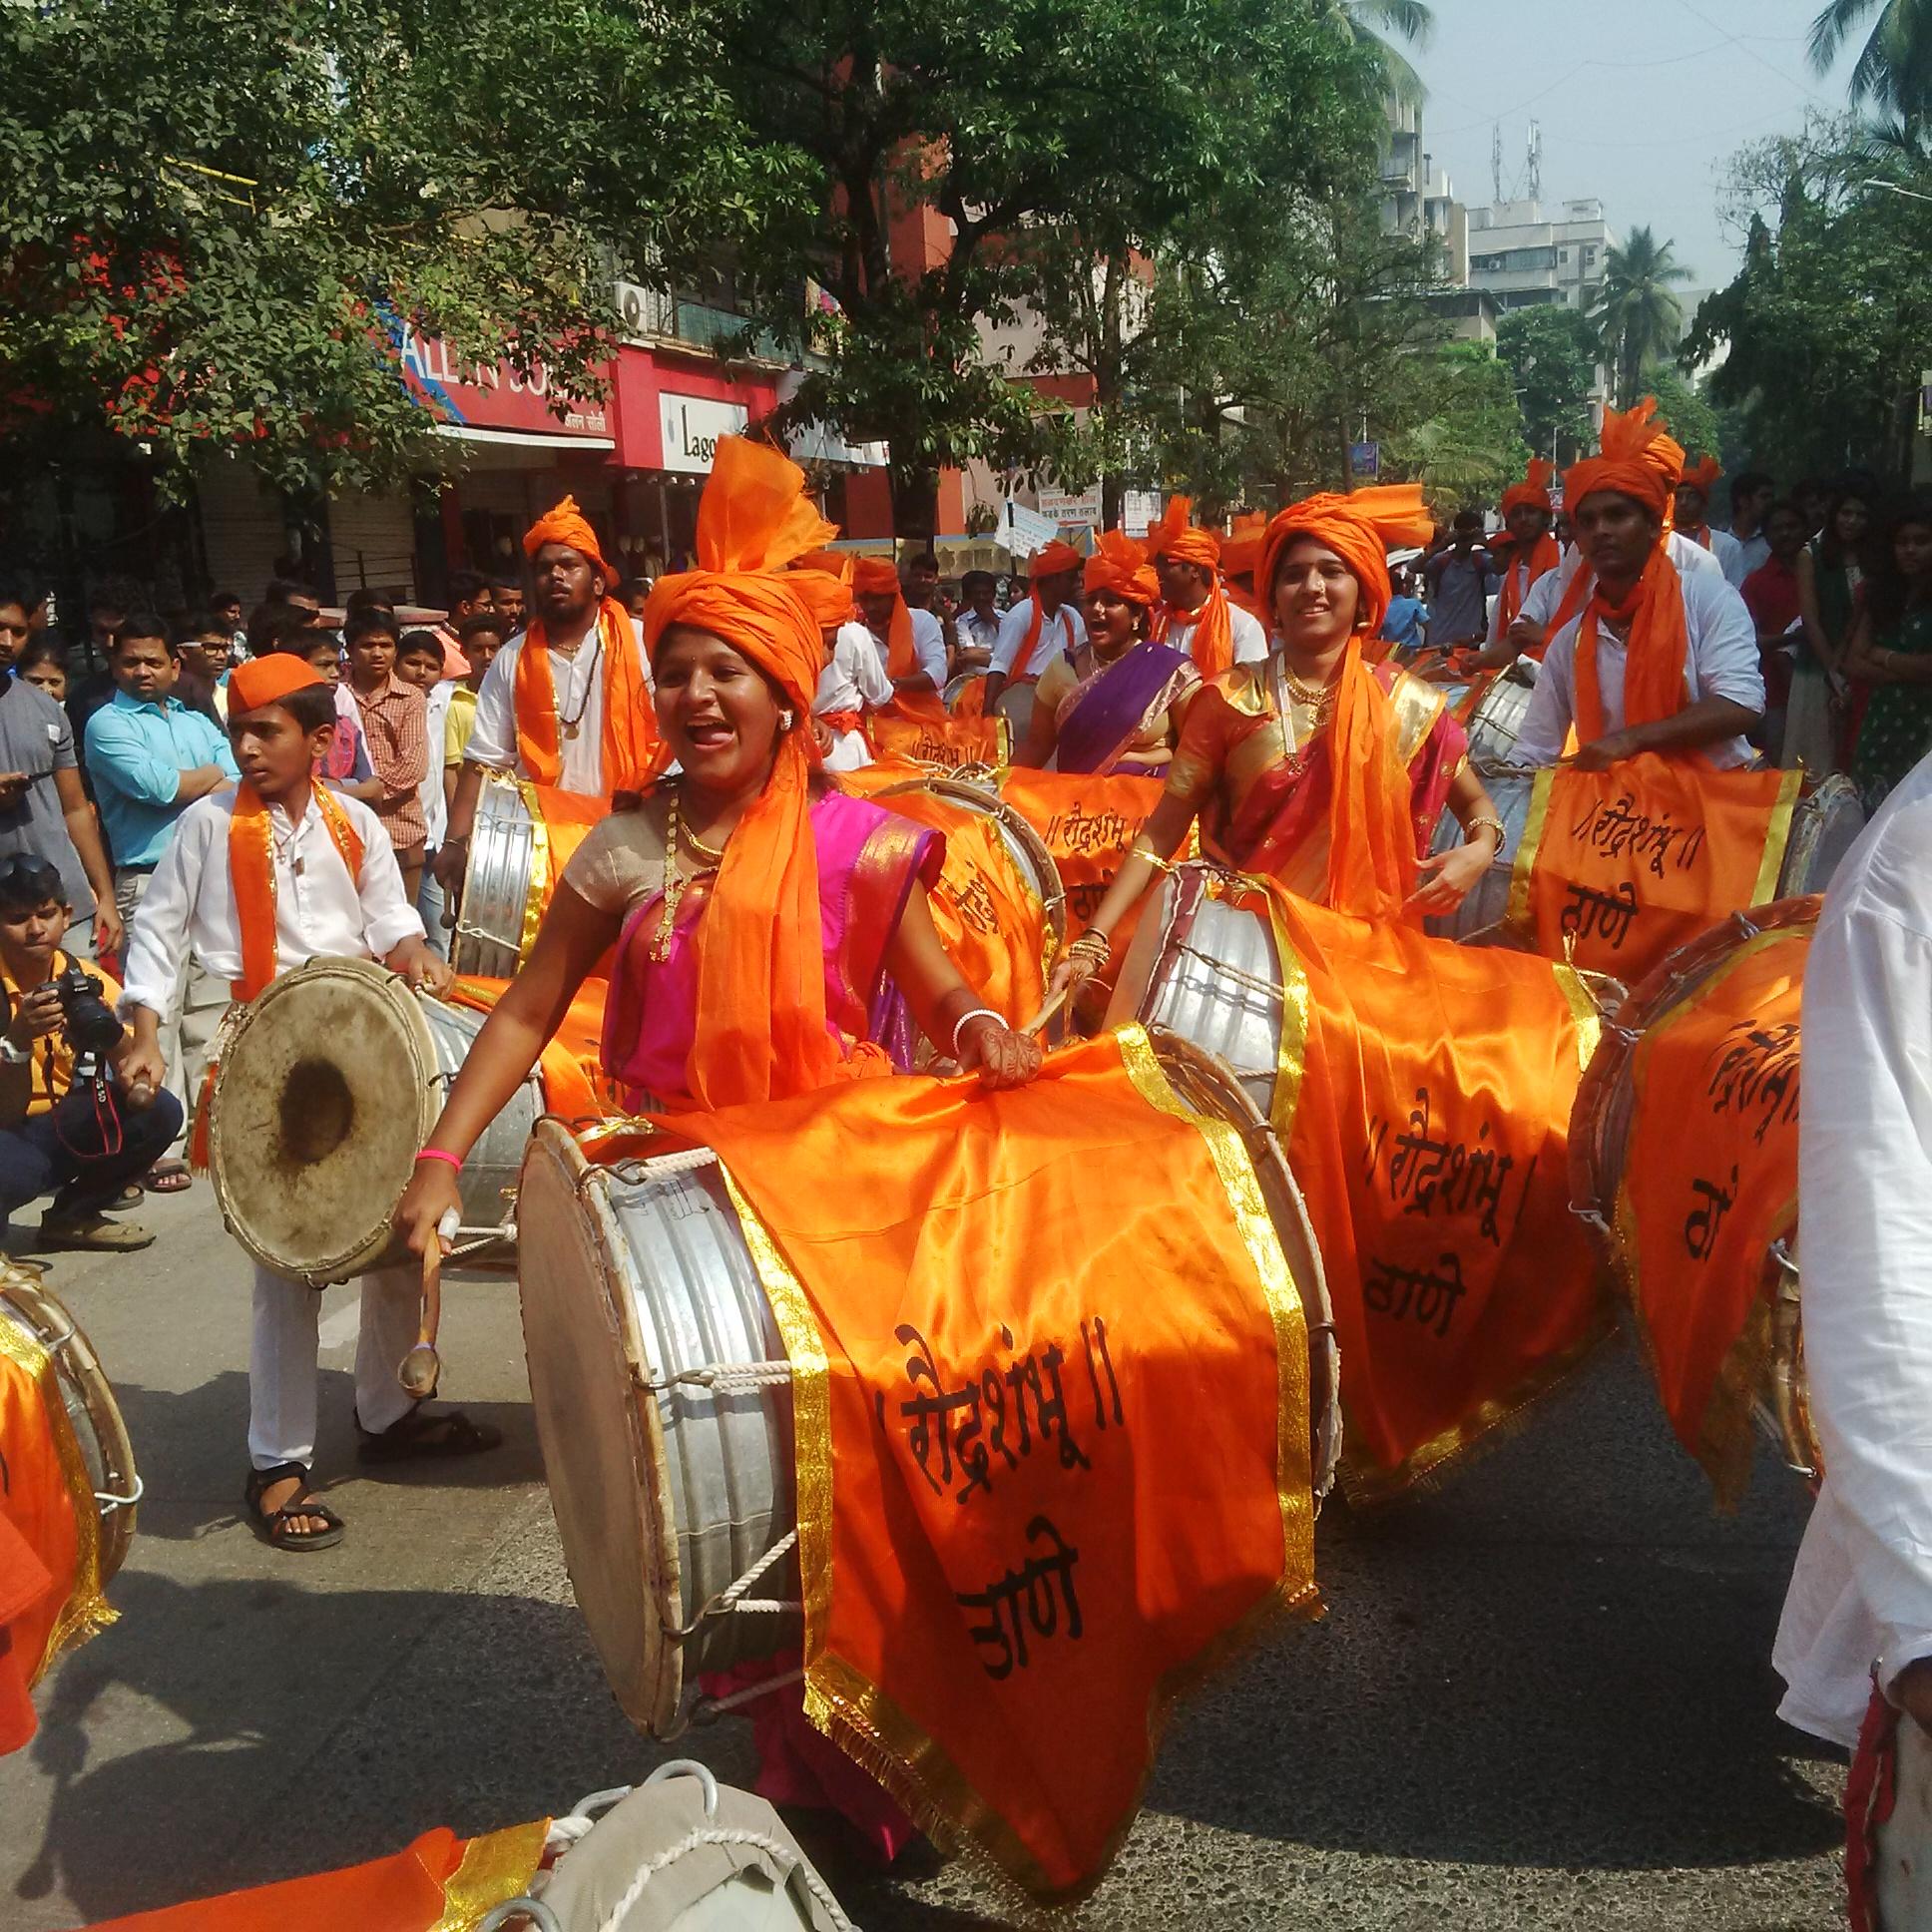 The Shobha Yatra in Gudi Padwa Celebrations in India